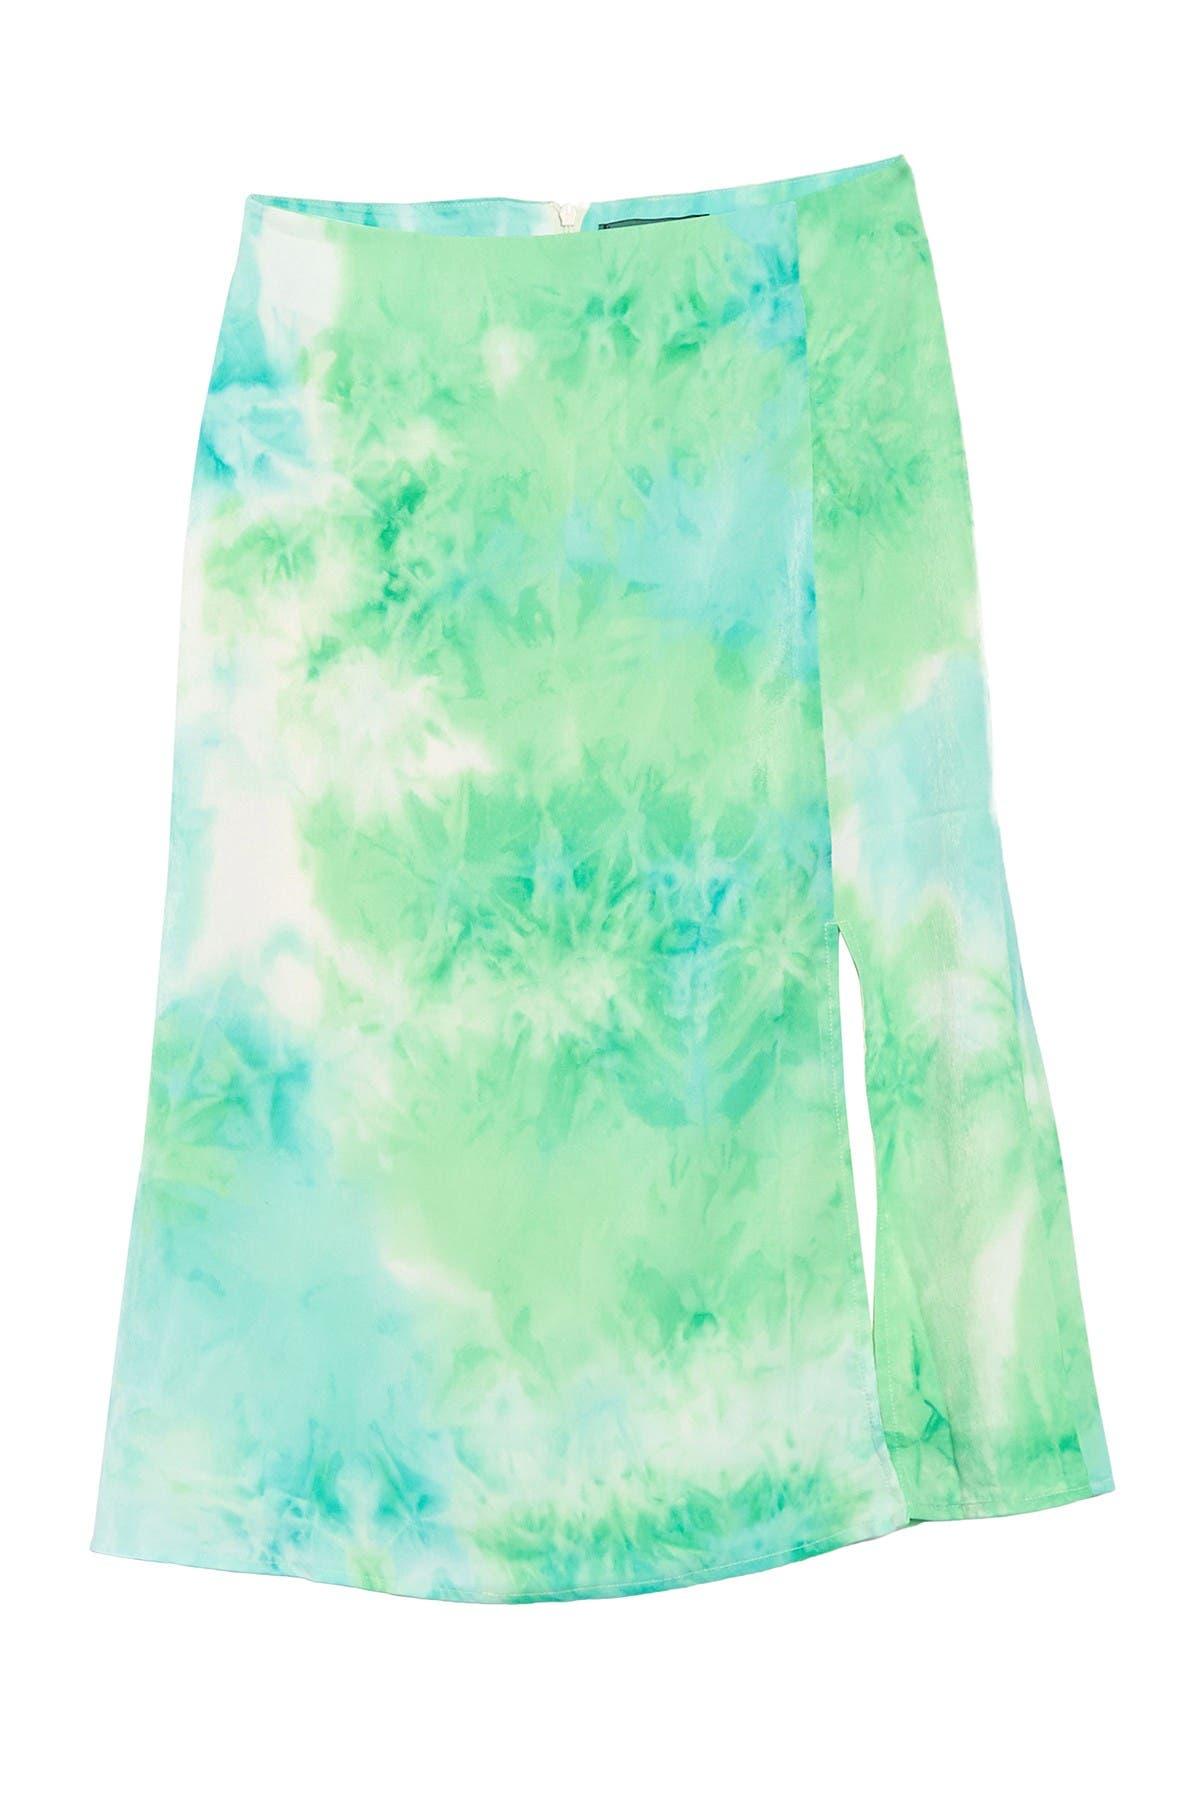 Image of 4SI3NNA Josie Tie Dye Skirt